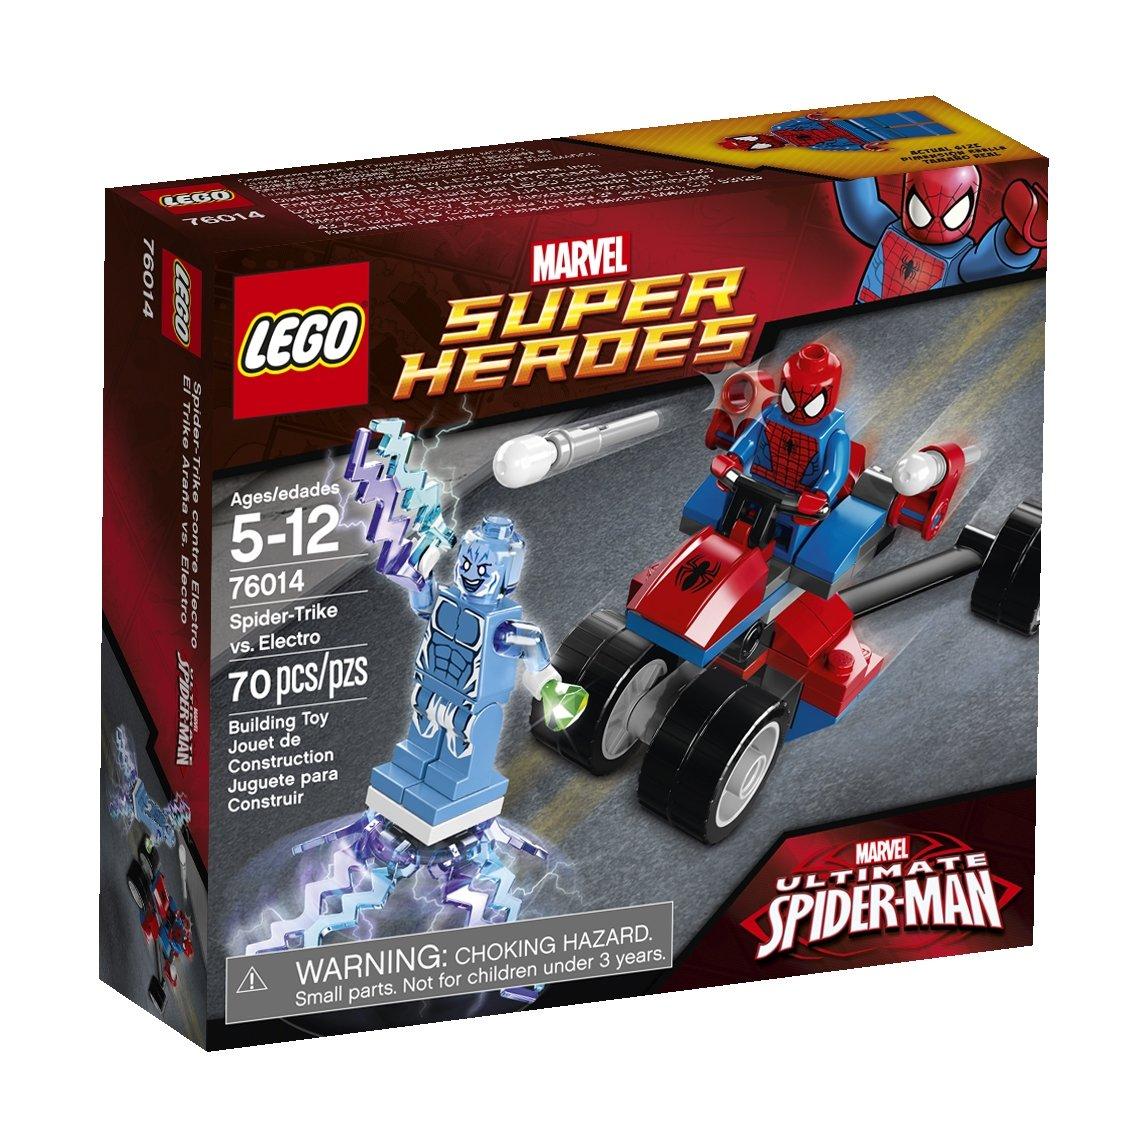 LEGO 76014 - Marvel Super Heroes Spider-Trike